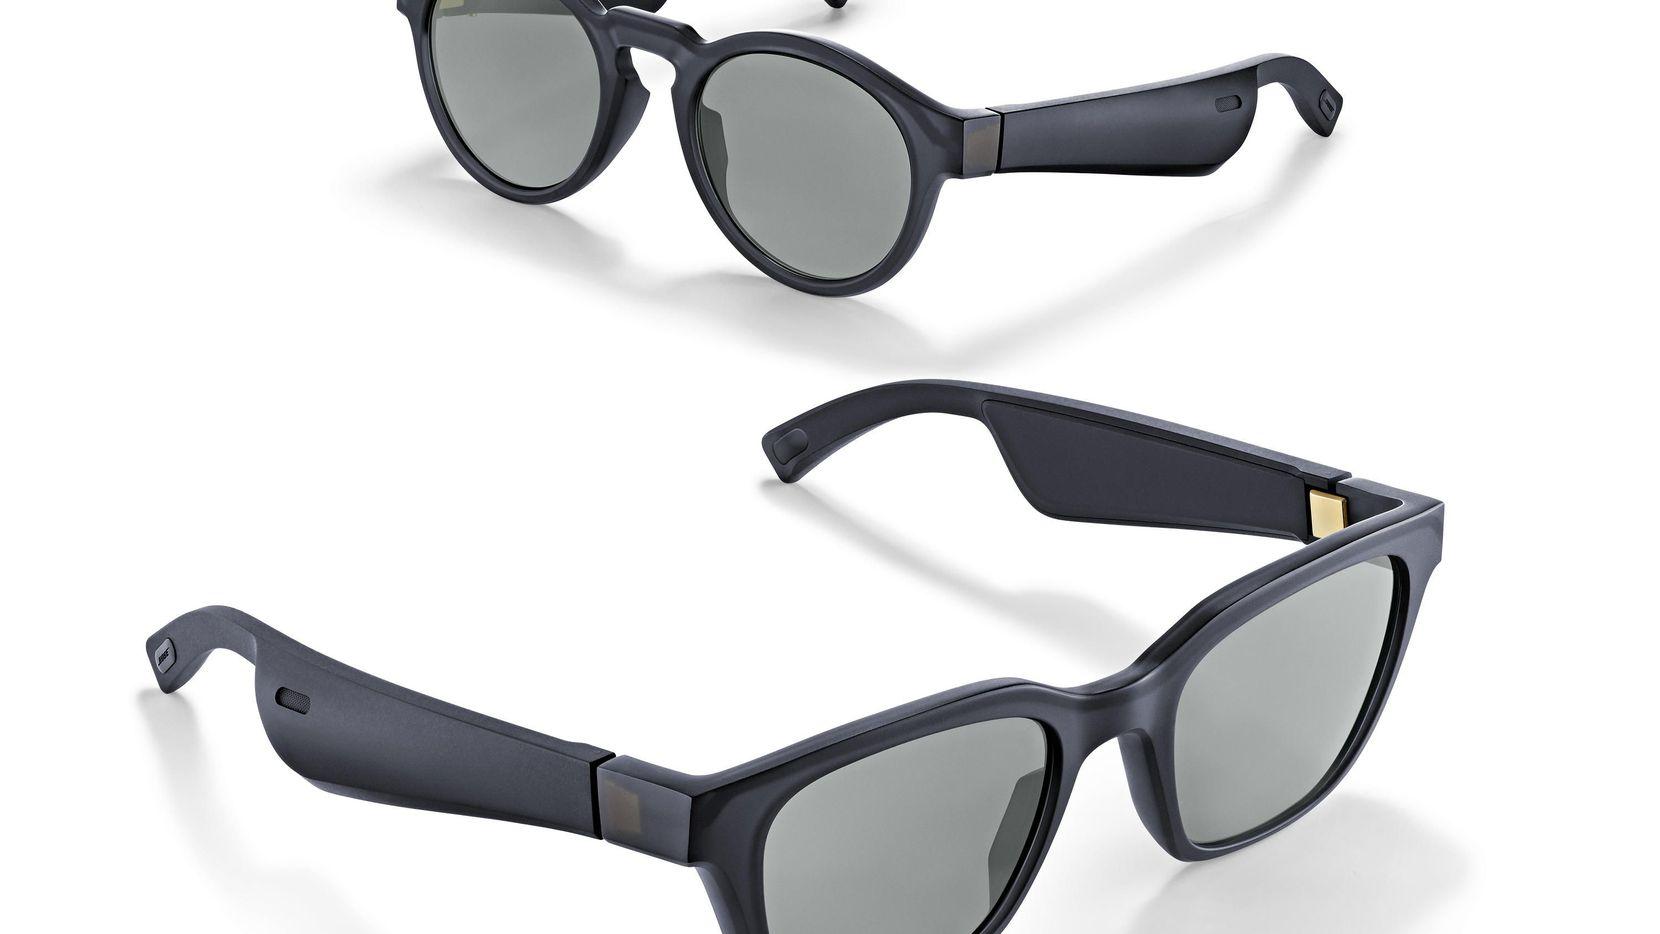 Bose Frames. Rondo (top) and Alto